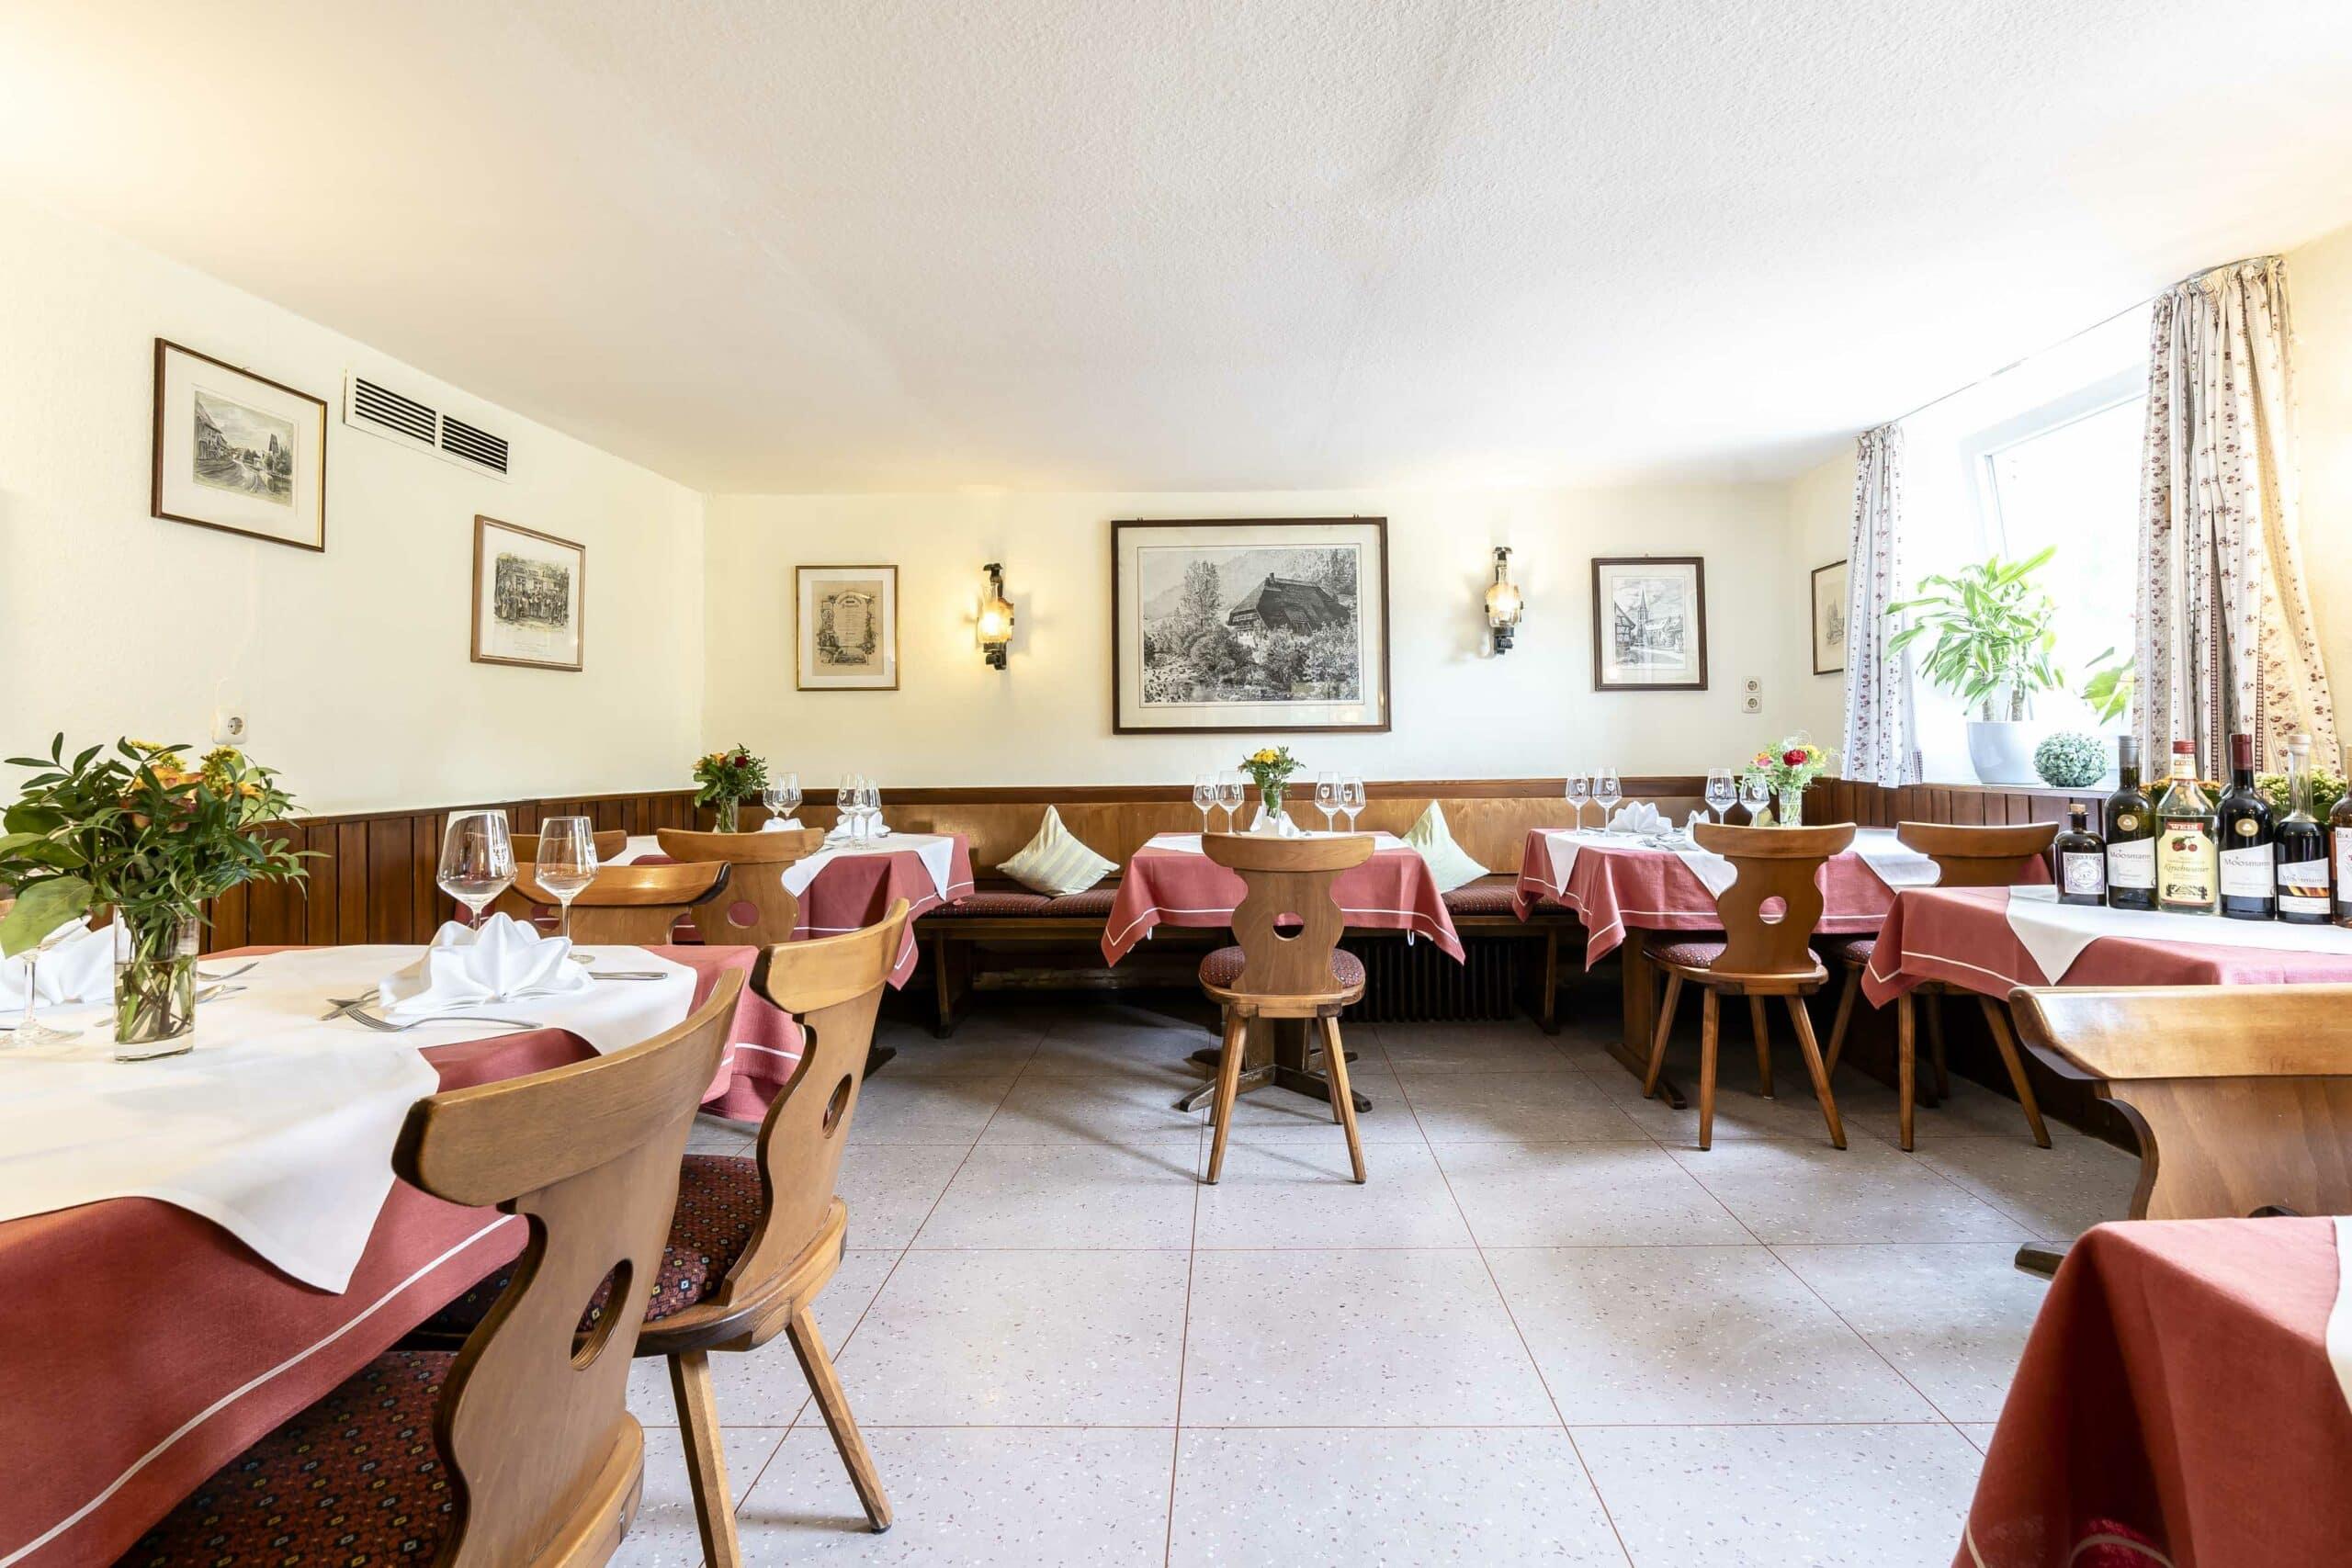 Hotel Gasthaus Loewen Buchholz Restaurant Veranstaltungen